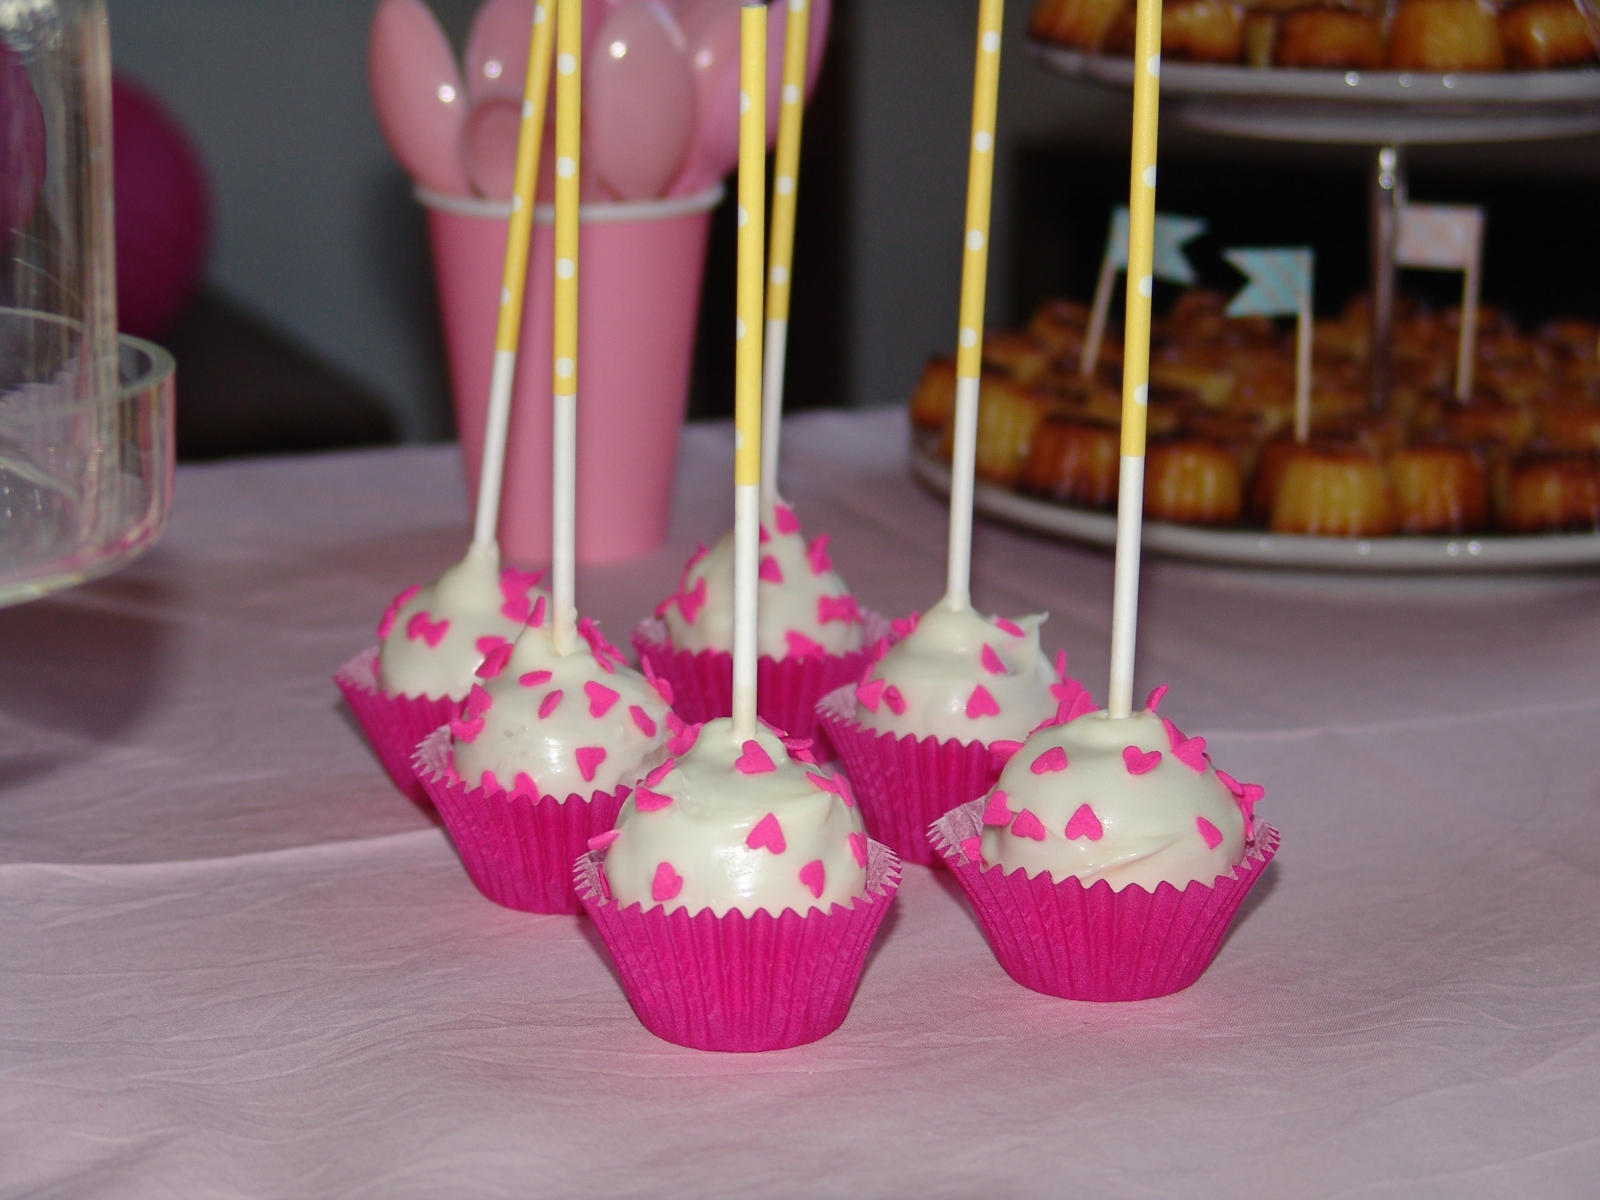 la fameuse recette des cake pops recettes sweet party day. Black Bedroom Furniture Sets. Home Design Ideas